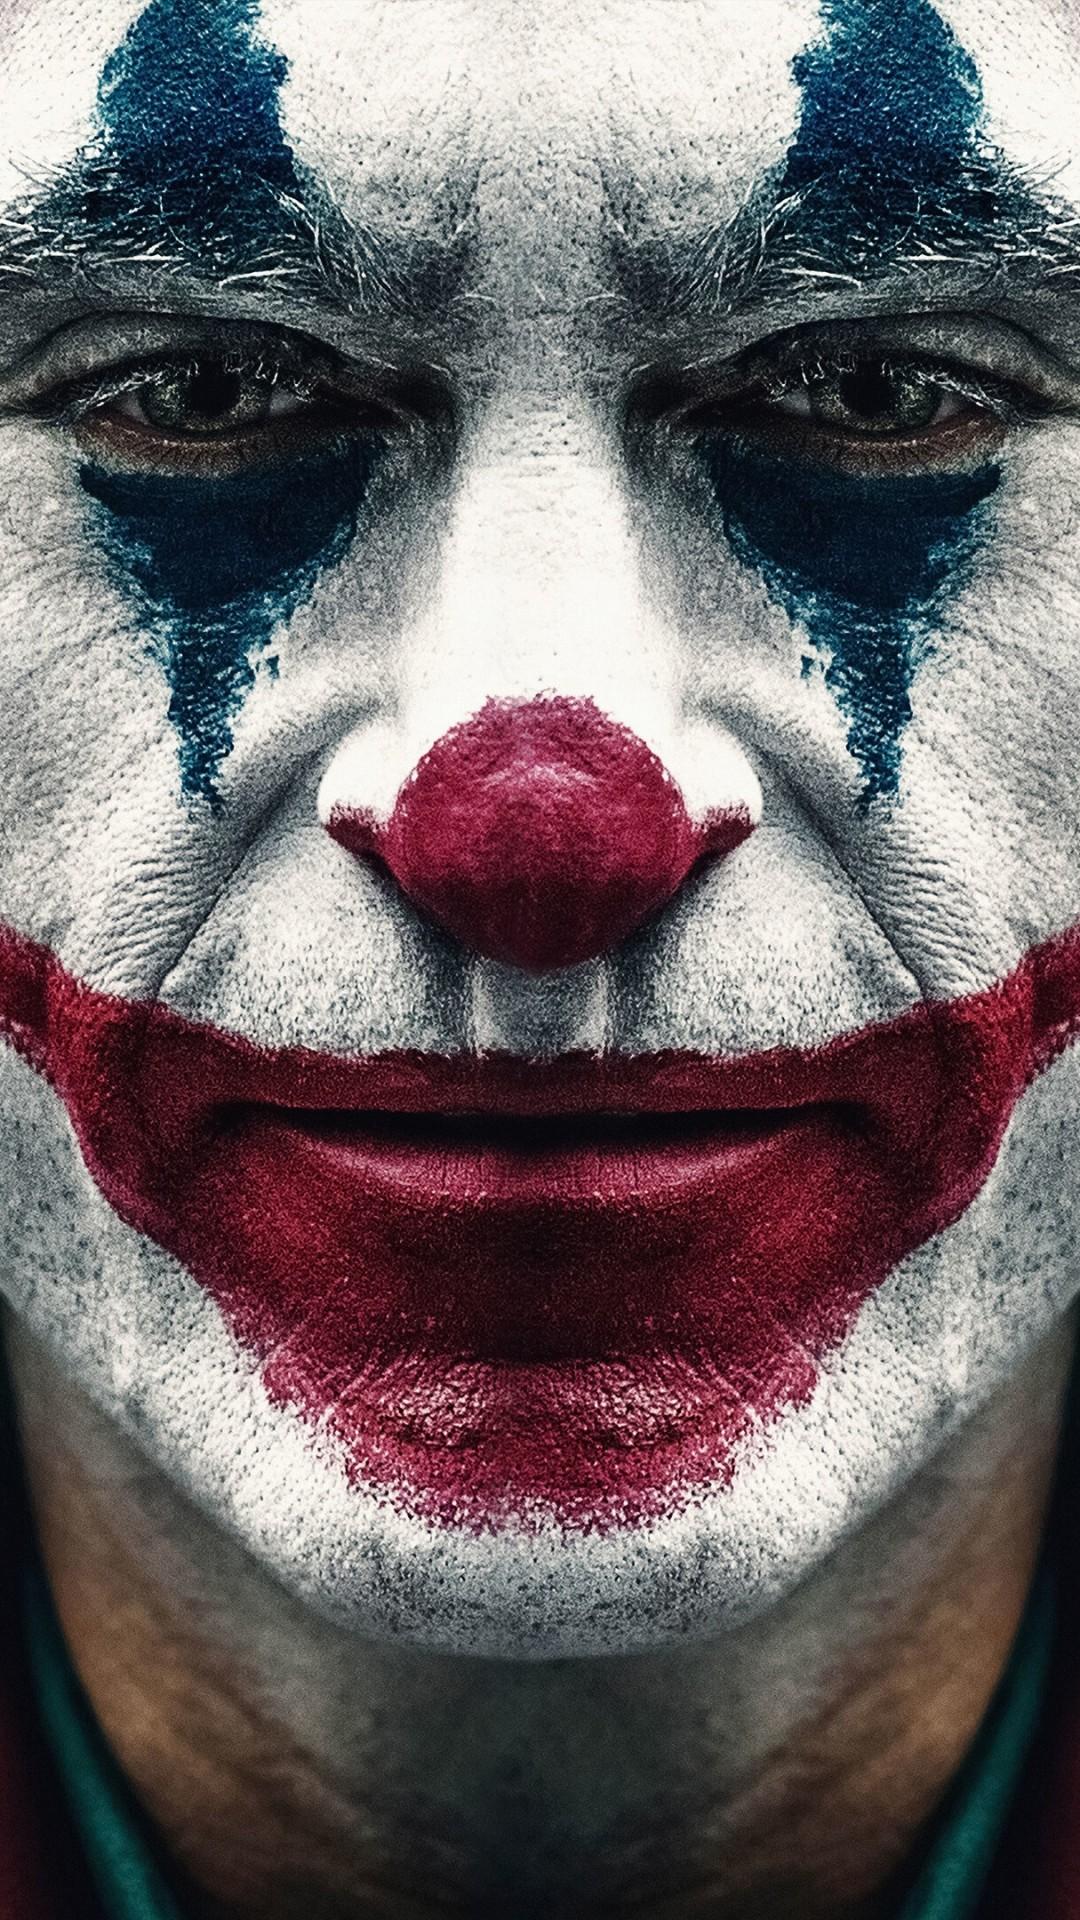 Clown wallpaper iphone